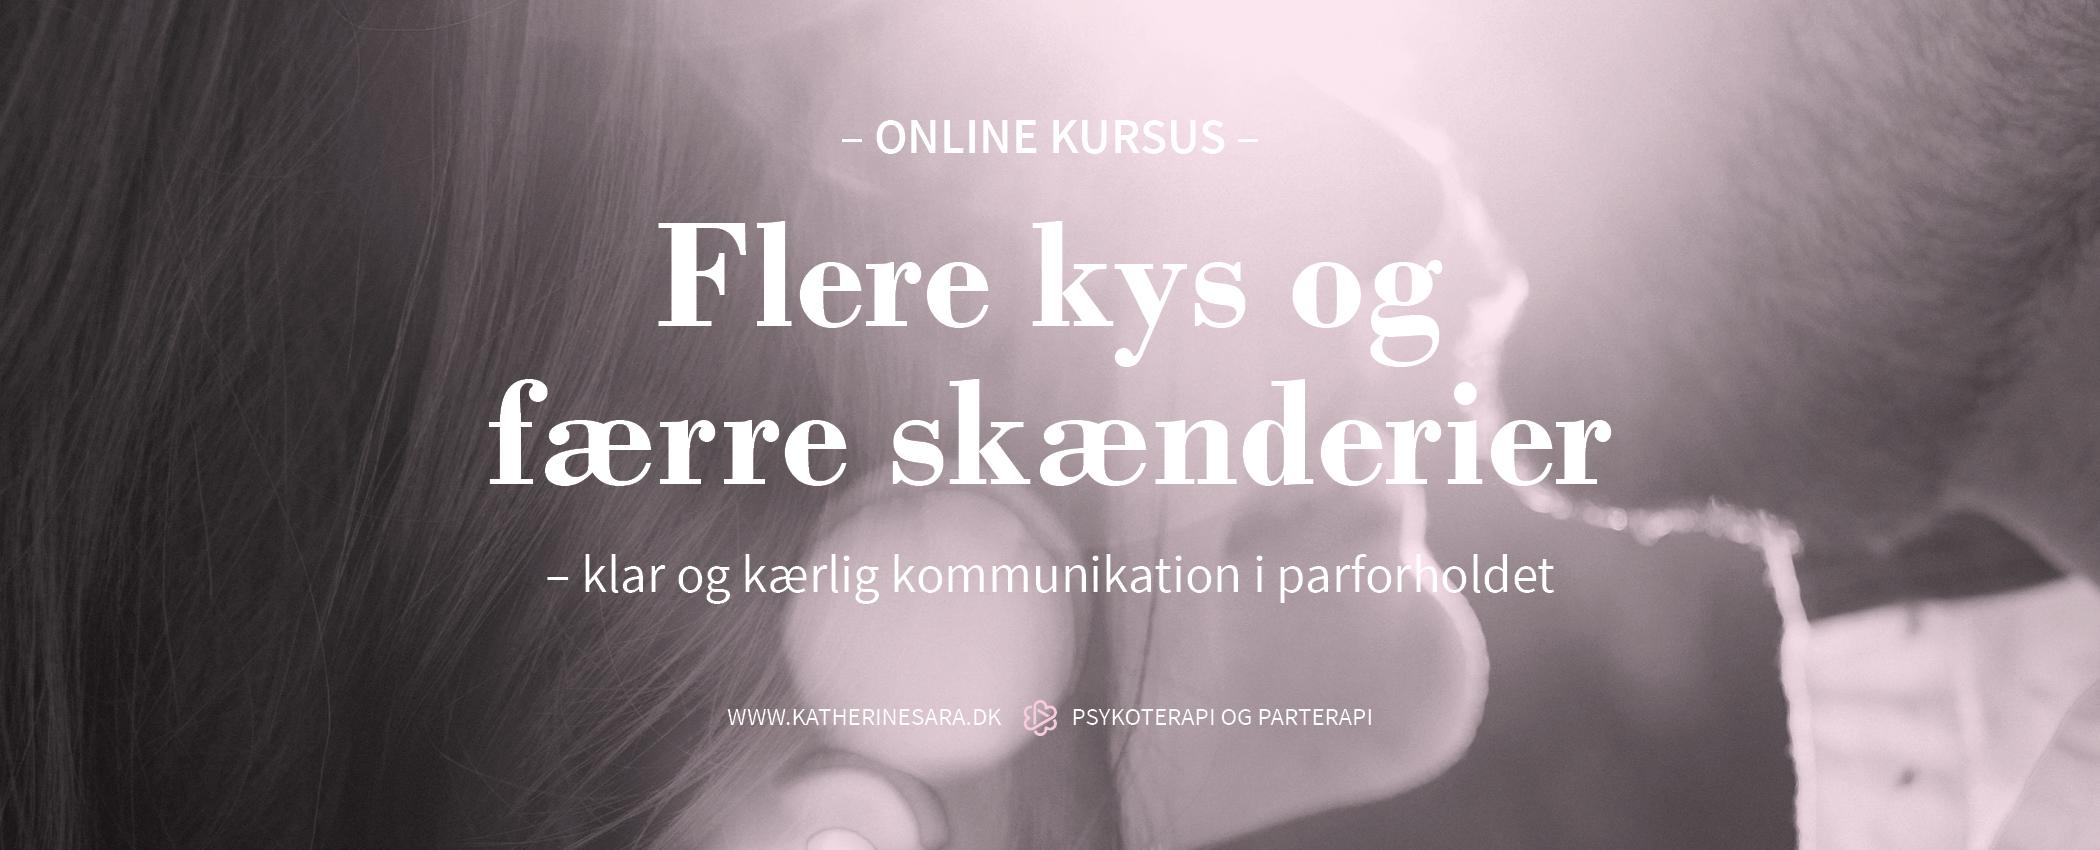 Onlinekursus_lpsite (2).jpg